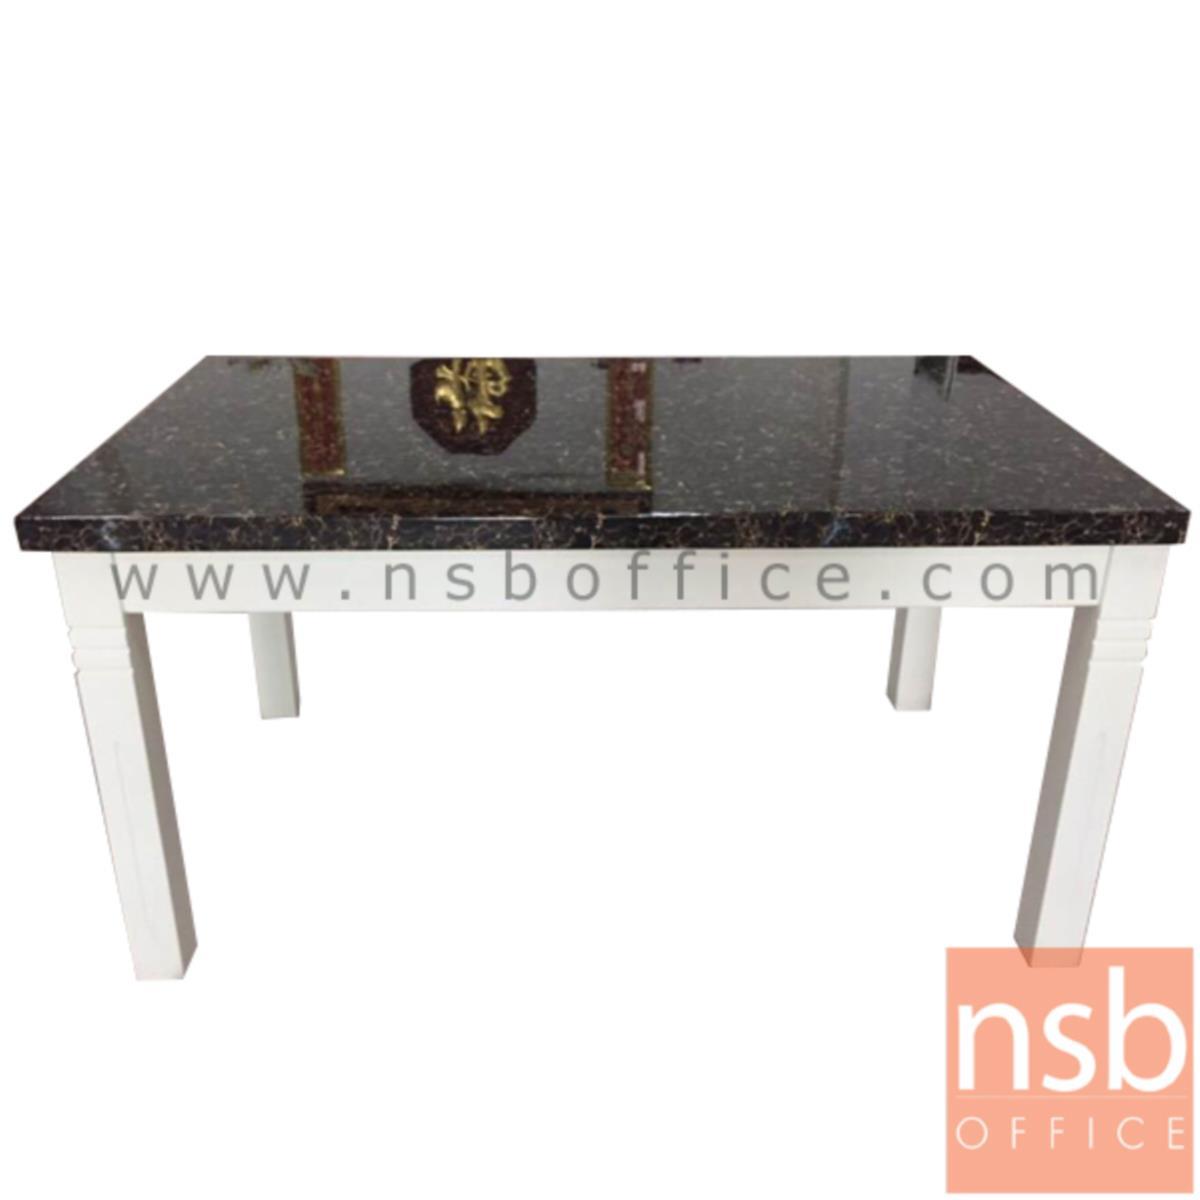 G14A169:โต๊ะรับประทานอาหารหน้าหินอ่อนสีดำ รุ่น Graham (เกรแฮม) ขนาด 150W cm. โครงขาไม้ยางพารา